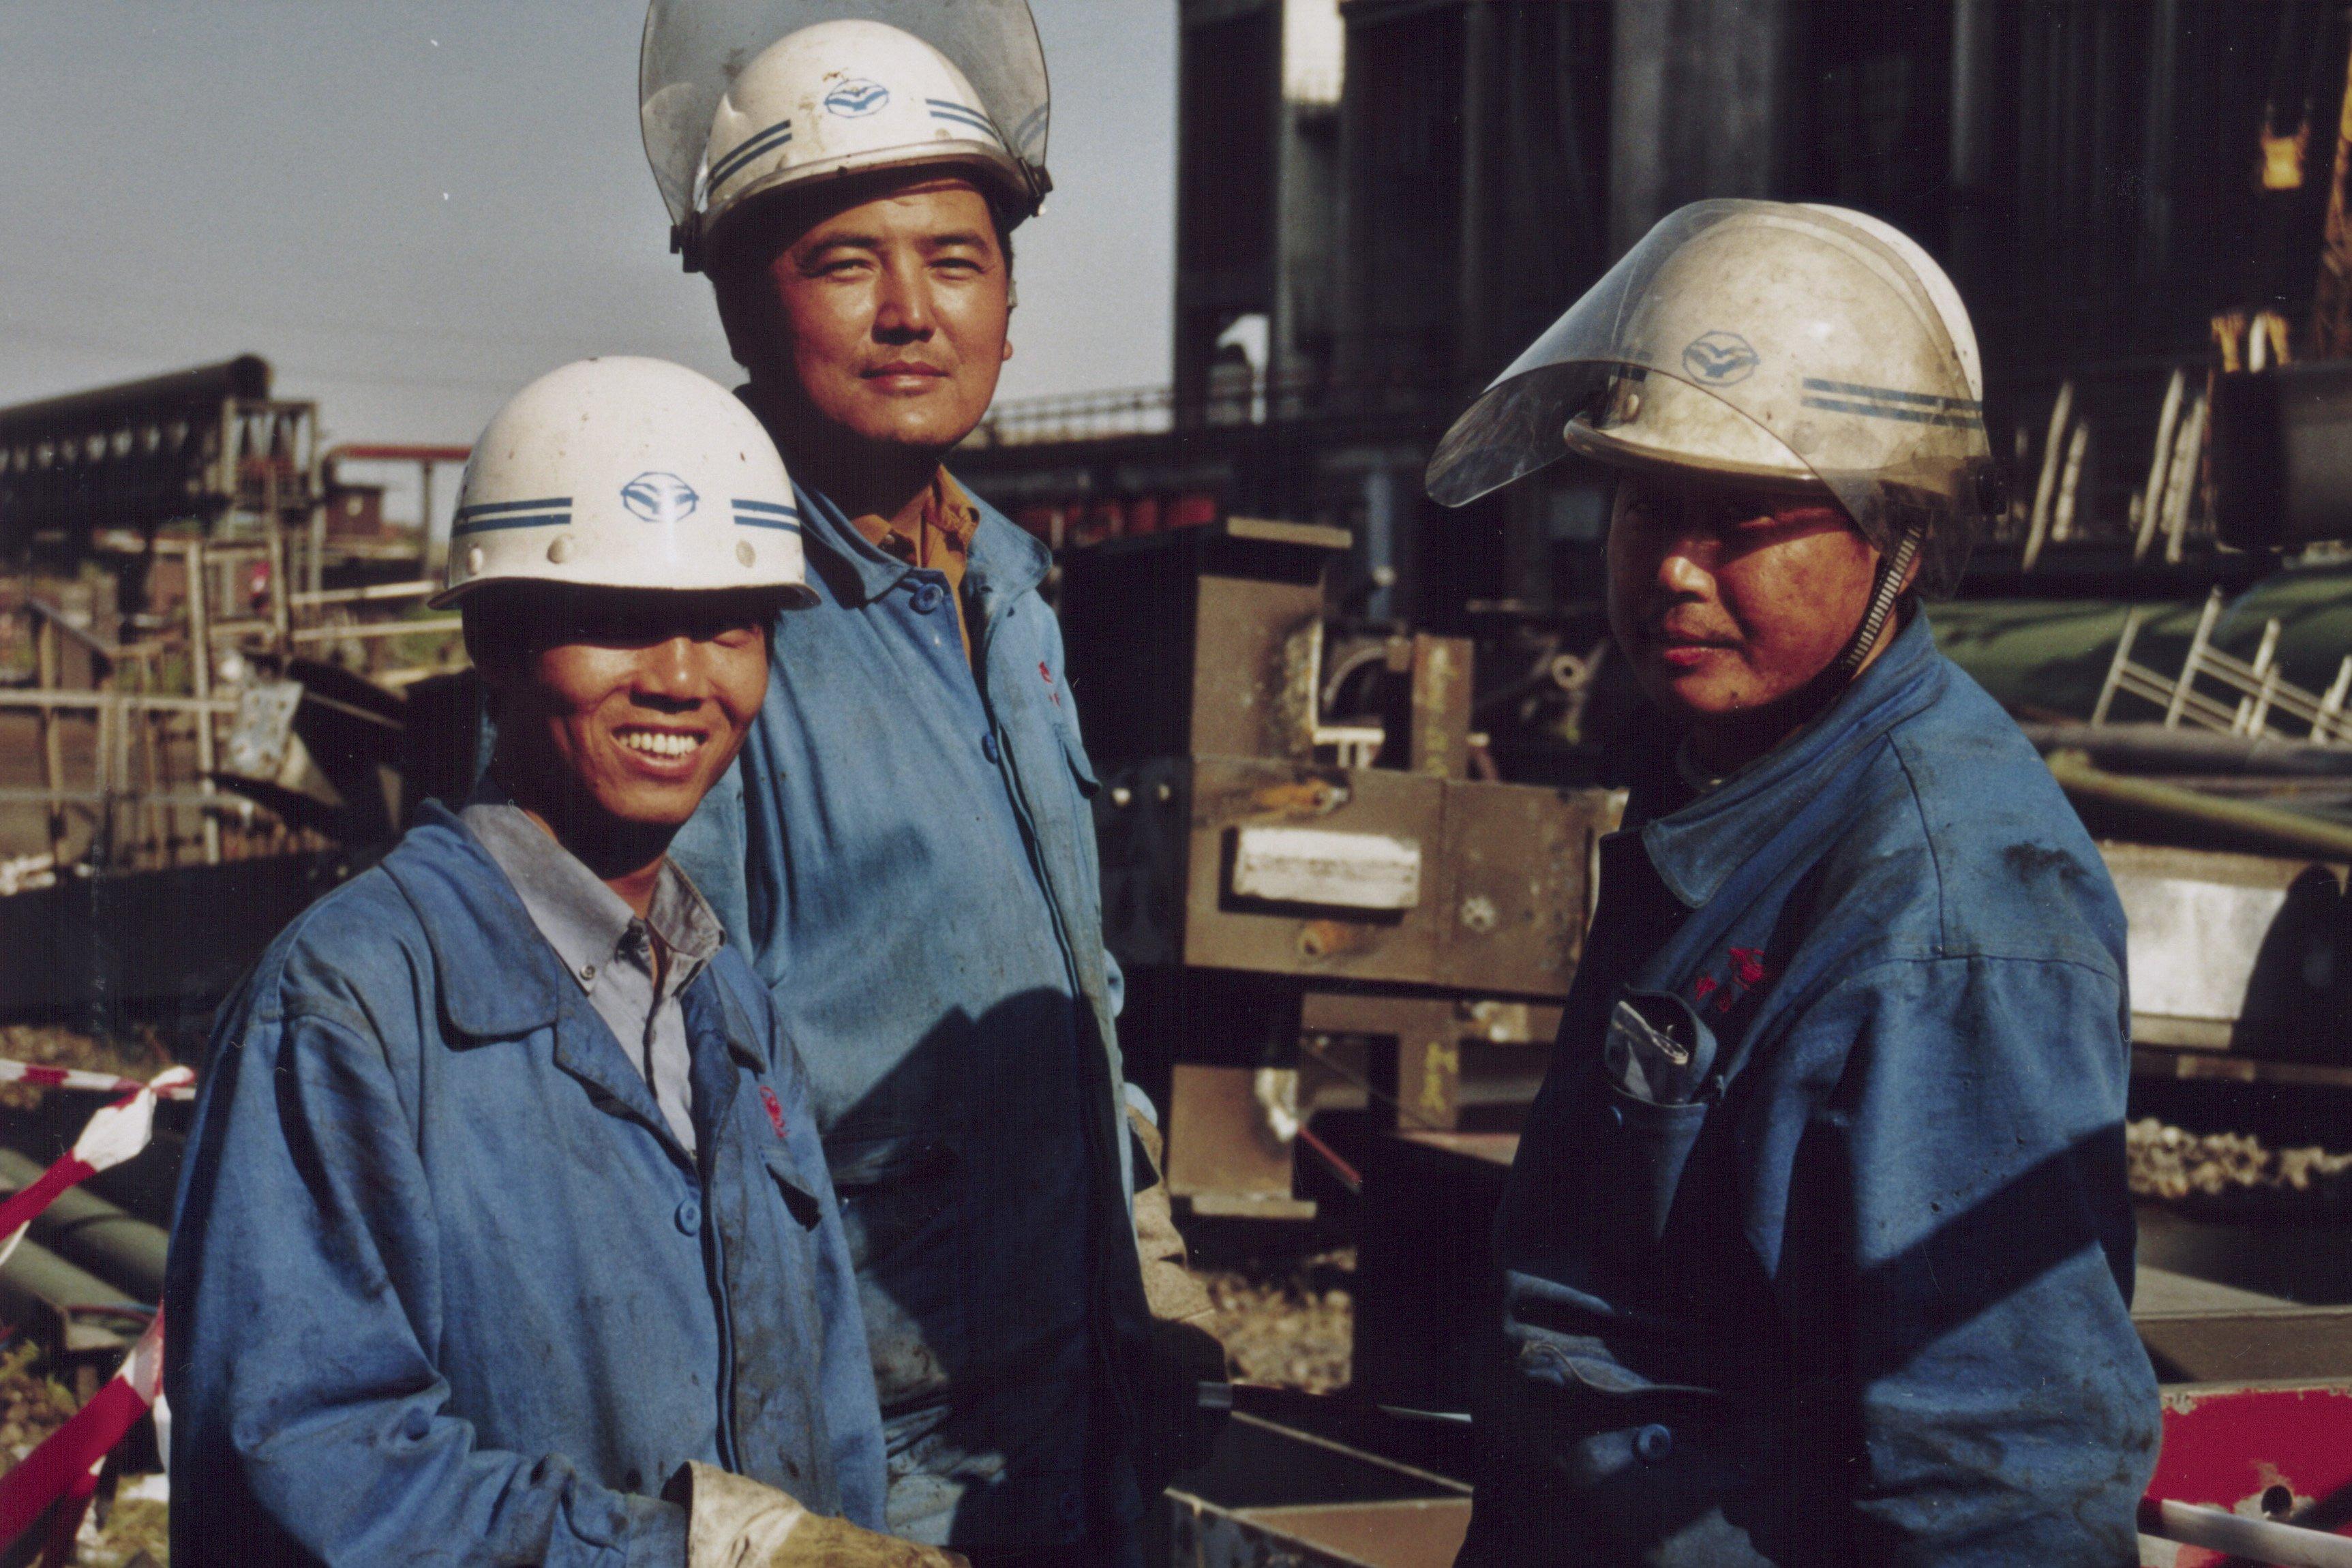 Chinesische Arbeiter in der früheren Dortmunder Kokerei